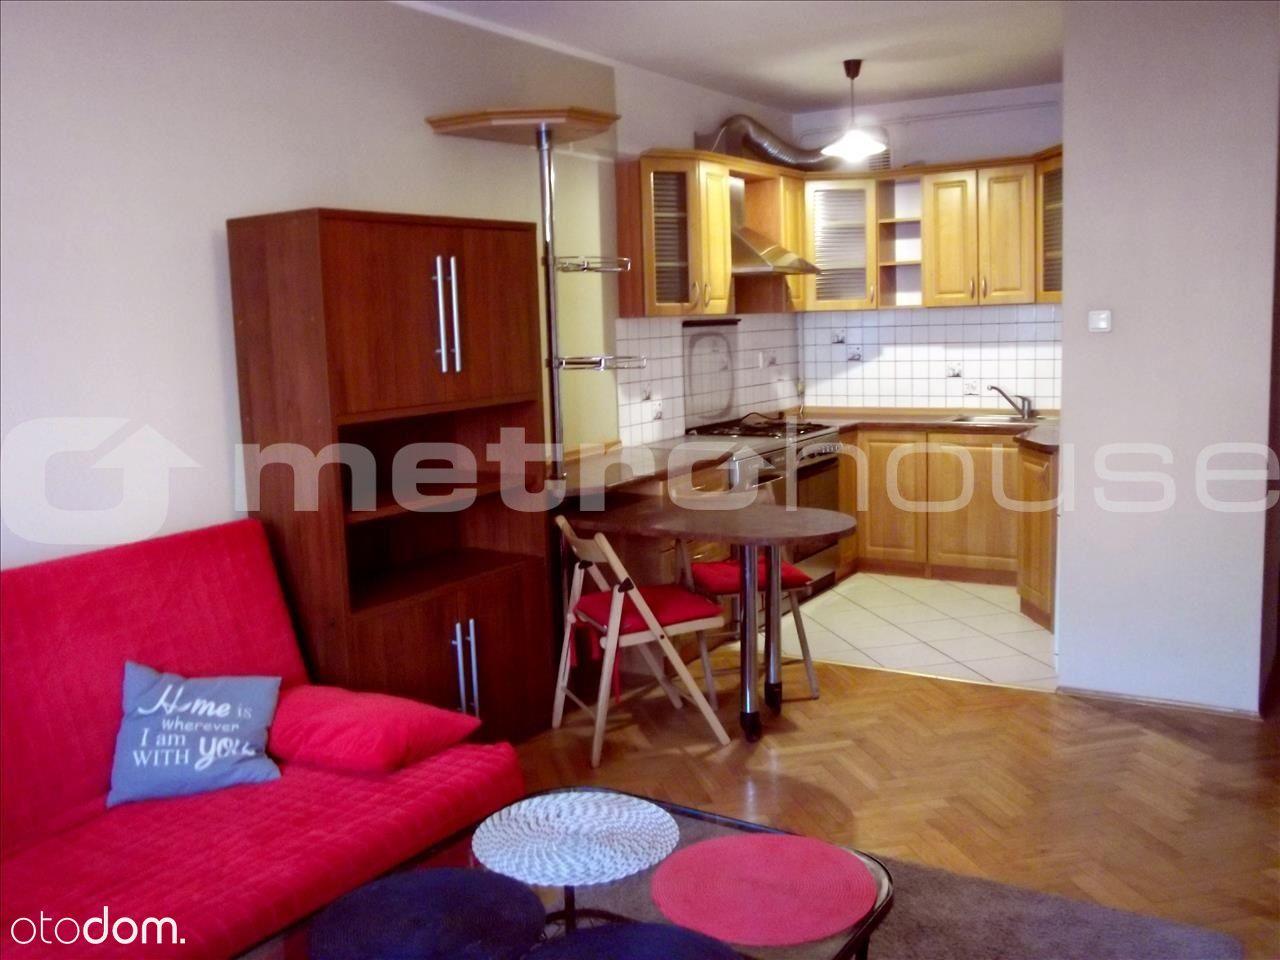 Mieszkanie na sprzedaż, Ząbki, wołomiński, mazowieckie - Foto 1